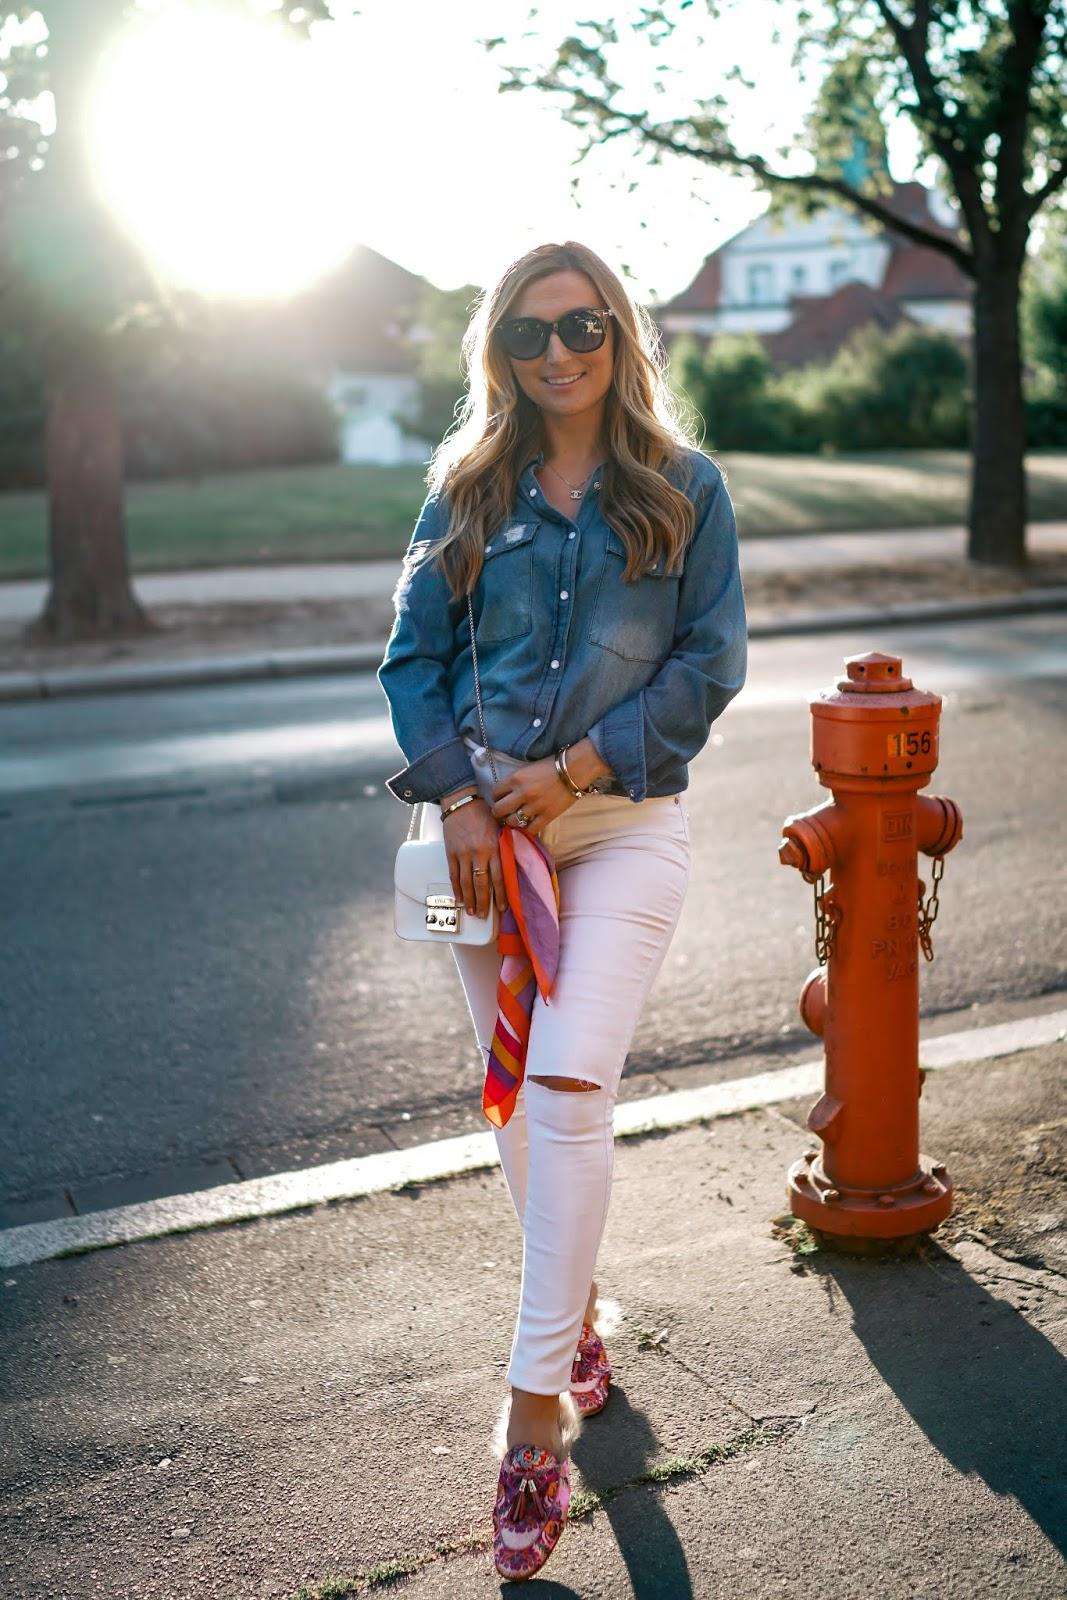 was-ziehe-ich-im-herbst-an-Outfitinspiration-Herbst-Look-Jeansbluse-weiße-jeans-pantoletten-melvin-Hamiltion-fashionstylebyjoahanna-fashionblogger-aus-deutschland.